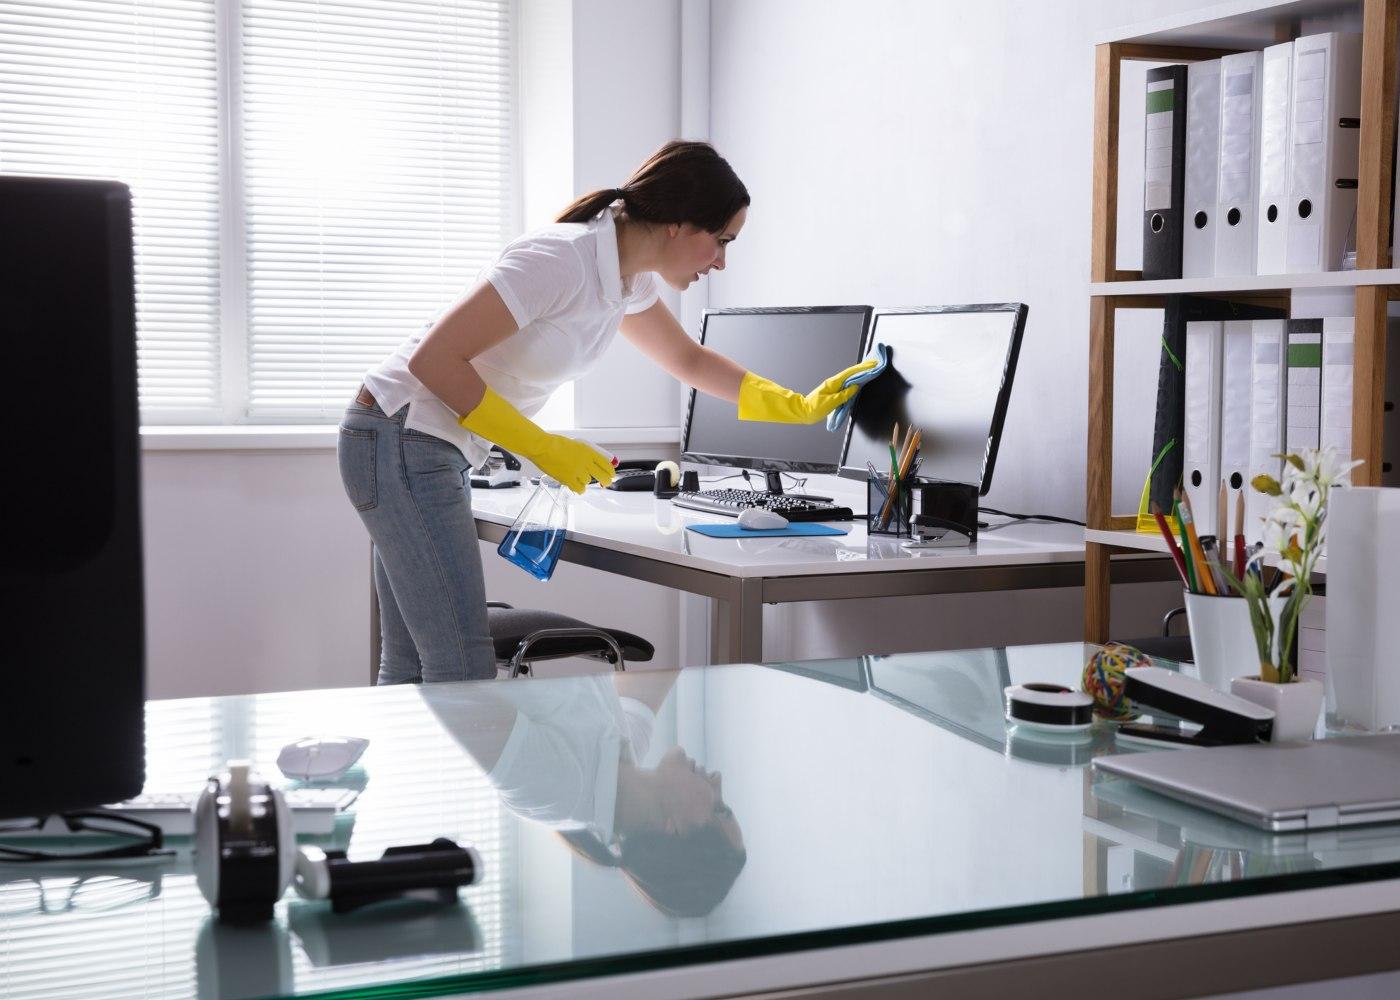 desinfeção de escritório no âmbito da higiene e segurança no trabalho